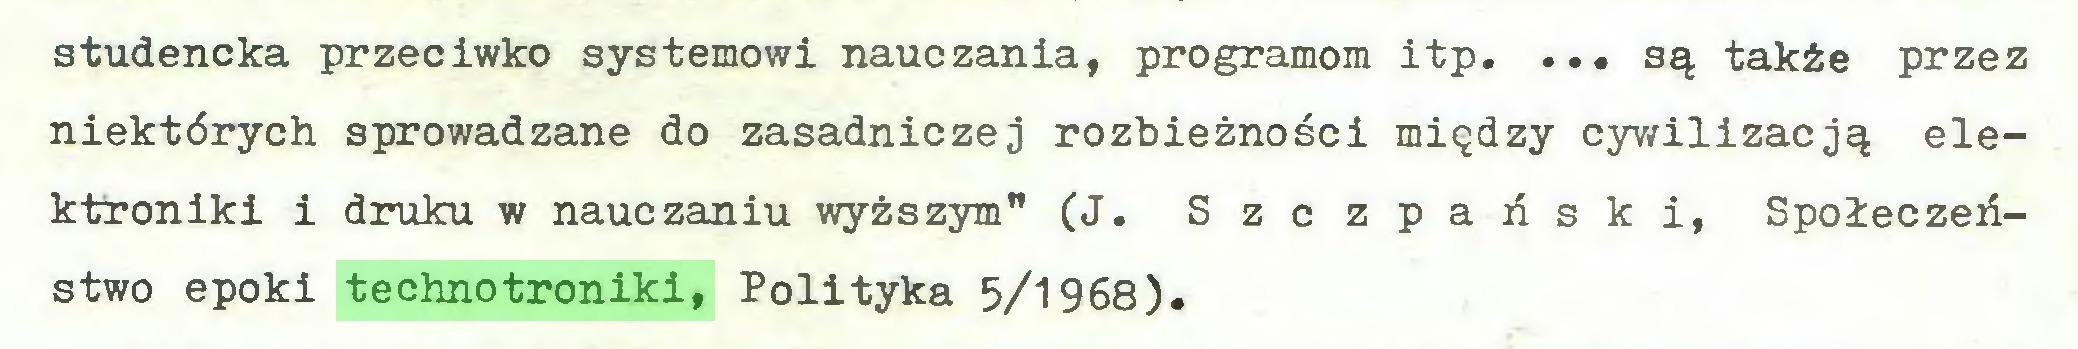 """(...) studencka przeciwko systemowi nauczania, programom itp. ... są także przez niektórych sprowadzane do zasadniczej rozbieżności między cywilizacją elektroniki i druku w nauczaniu wyższym"""" (J. Szczpański, Społeczeństwo epoki technotroniki, Polityka 5/1968)..."""